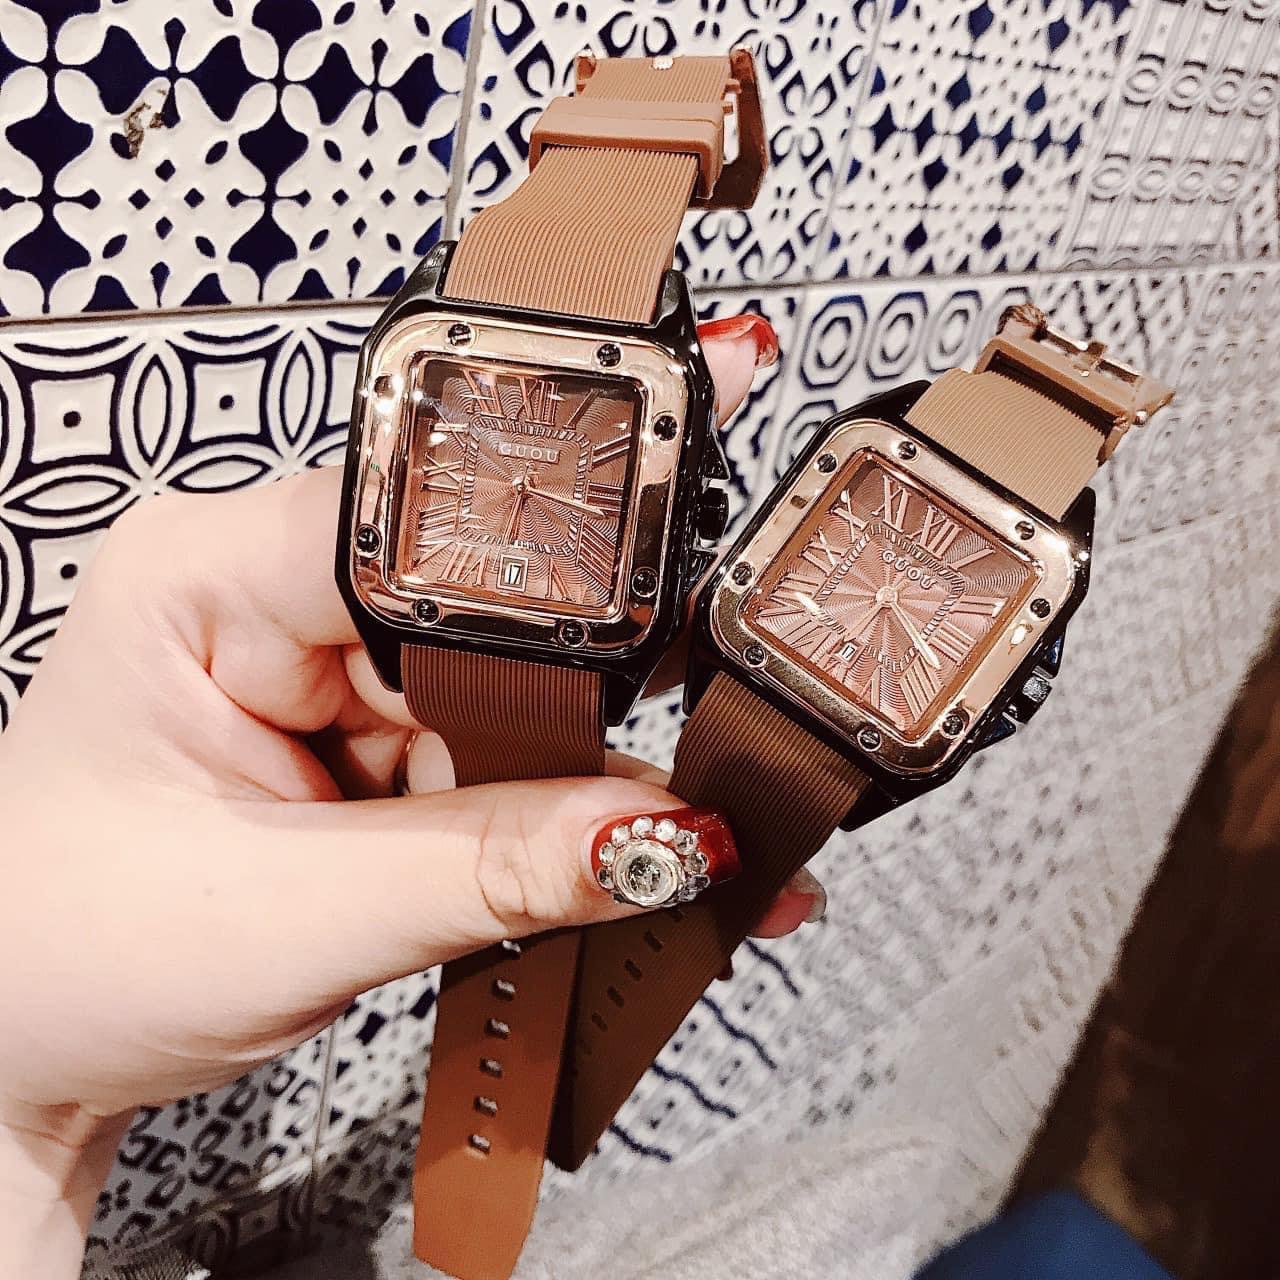 HÀNG MỚI VỀ -Cực Phẩm Phái Nữ Đồng hồ Nữ GUOU Dây Silicon Mềm Mại đeo rất êm tay -...